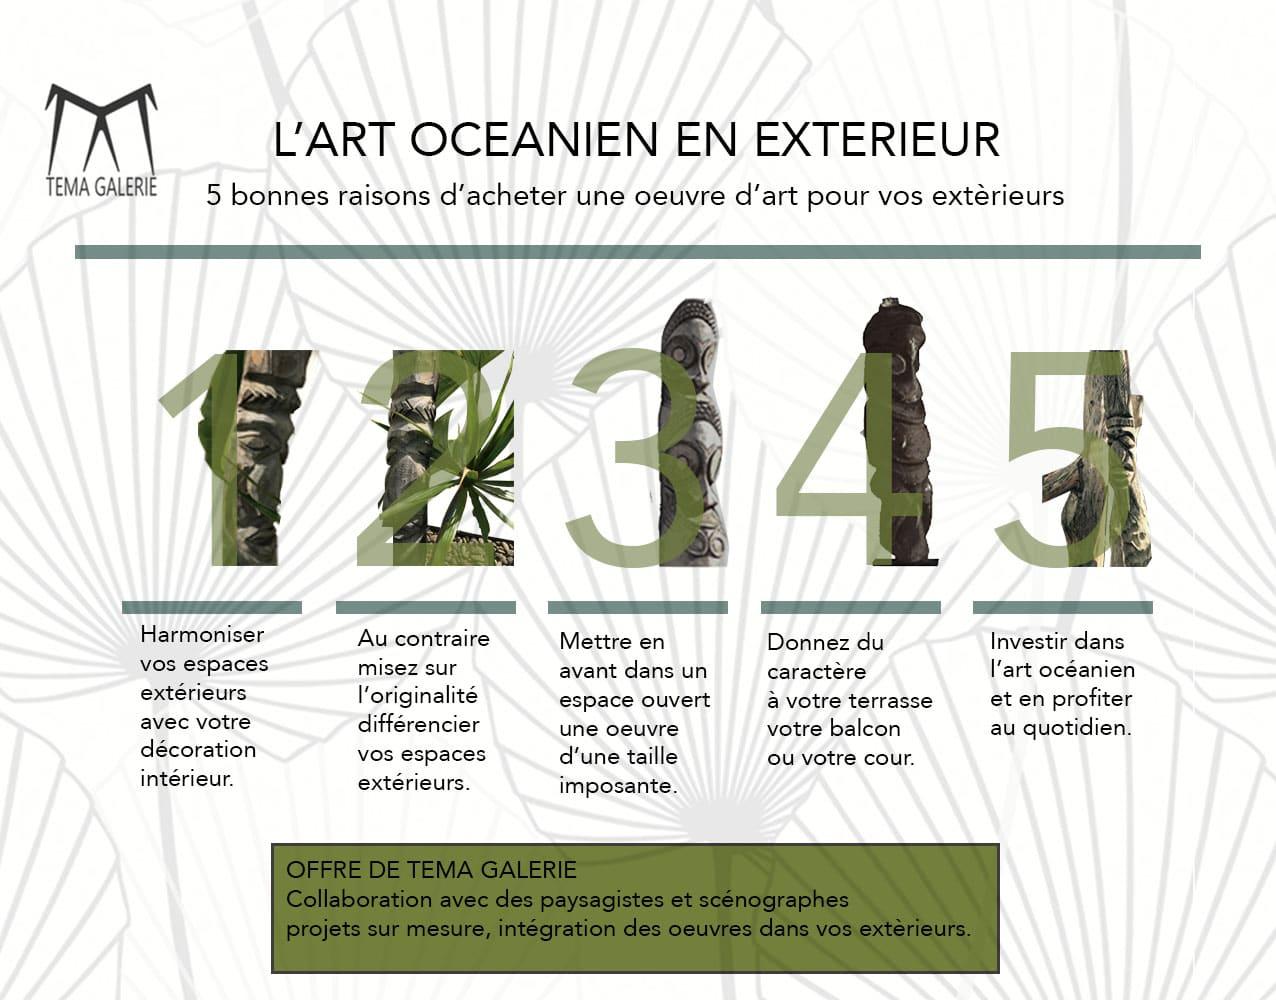 Photo De Galerie Exterieur 5 bonnes raisons d'exposer une oeuvre d'art océanien en